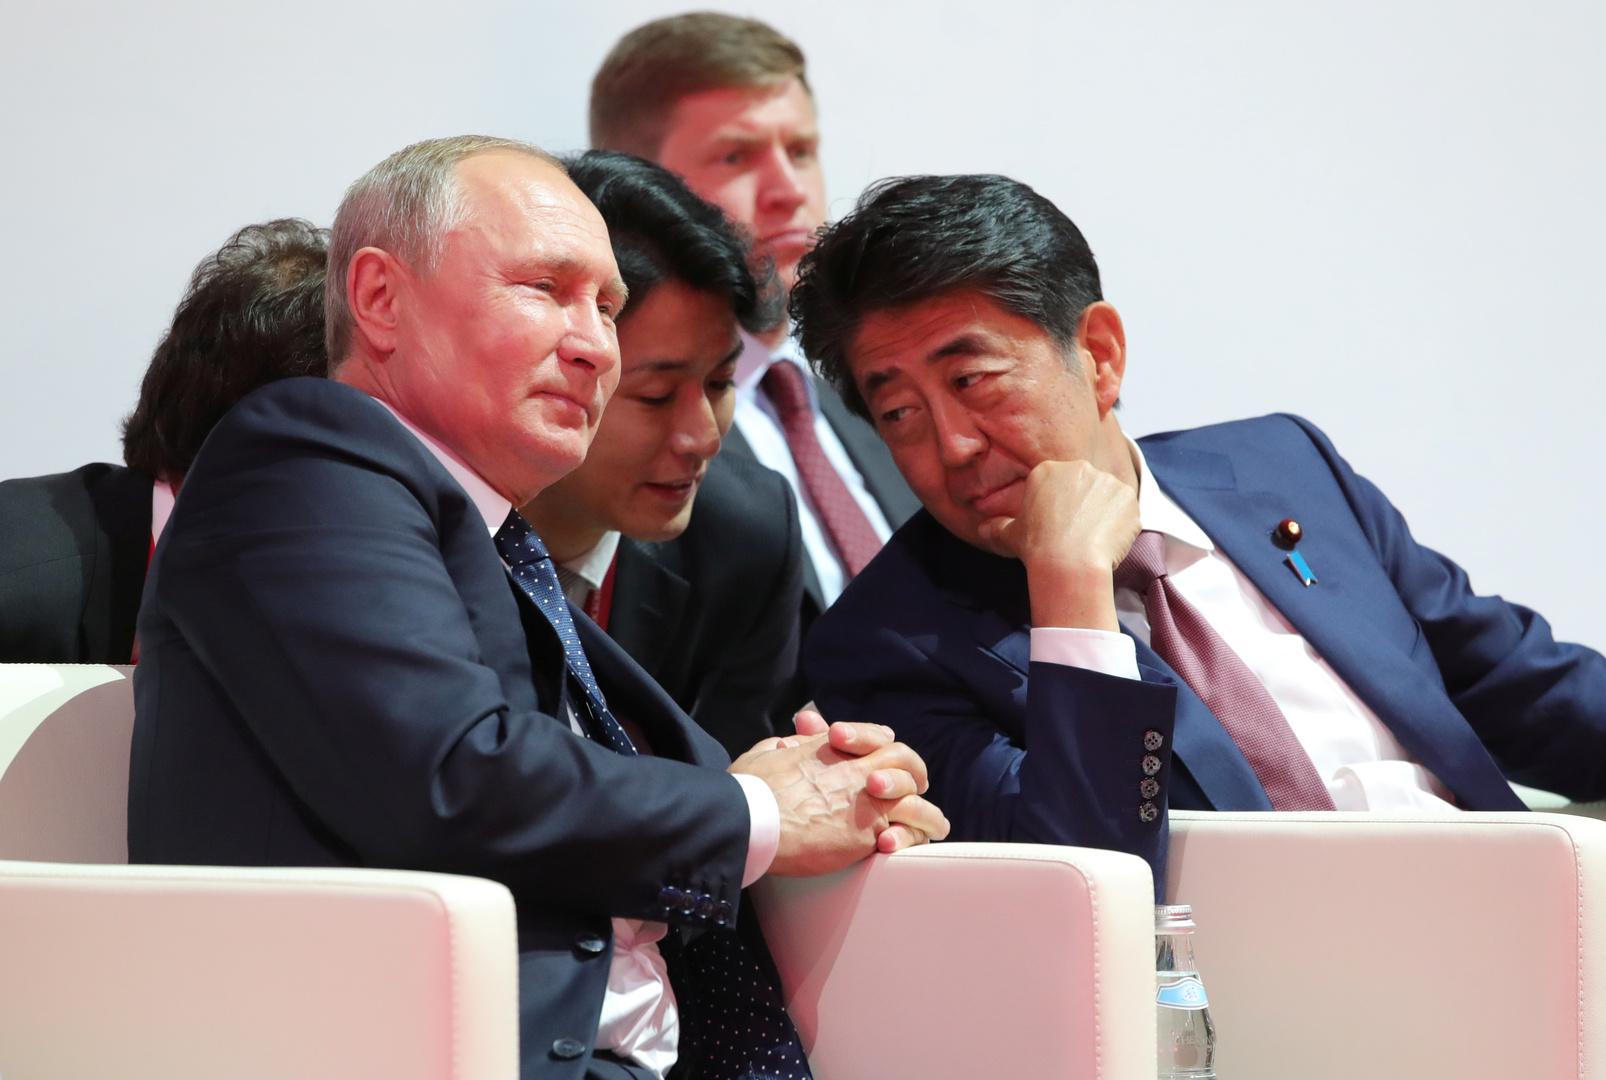 اليابانيون ينتظرون من روسيا أن تركع وتعطيهم جزر الكوريل